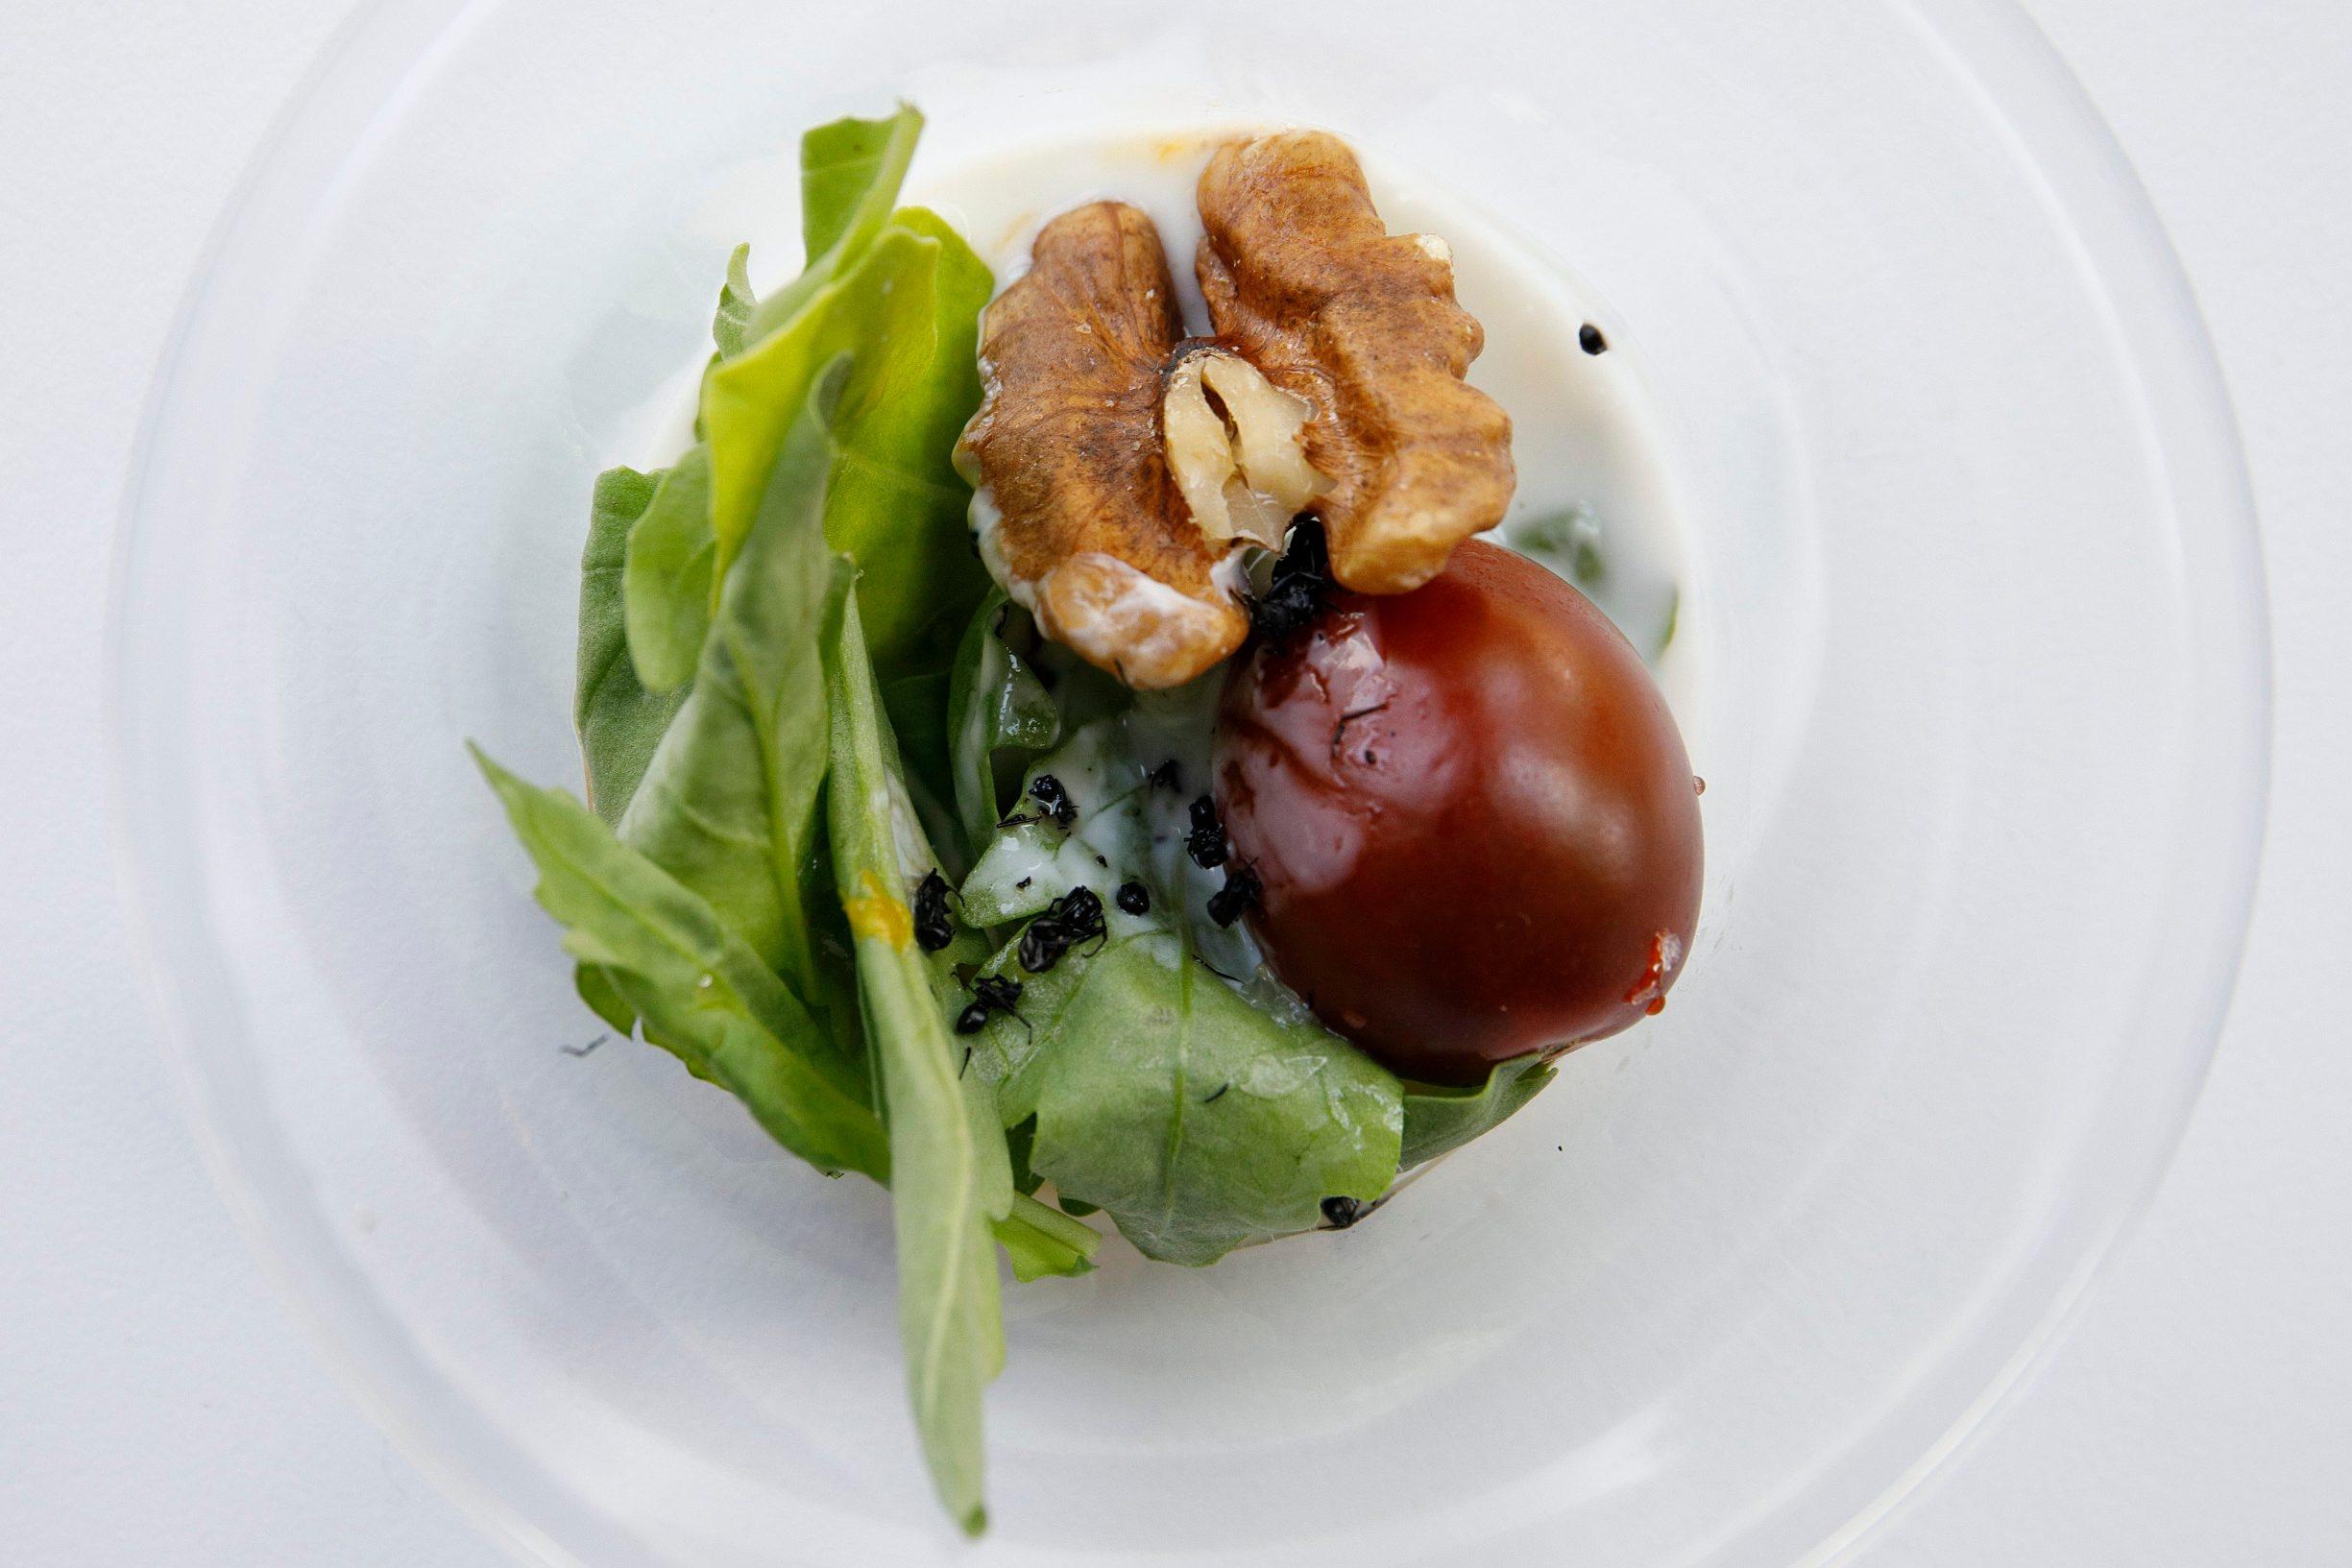 Zagreb, 260619. Nakon znanstvenostrucnog skupa Kukci na tanjuru, na Agronomskom fakultetu, kuhar Ivan Pazanin pripremio je jela od kukaca koja su degustirali nazocni. Na fotografiji: salata s mravima. Foto: Dragan Matic / CROPIX